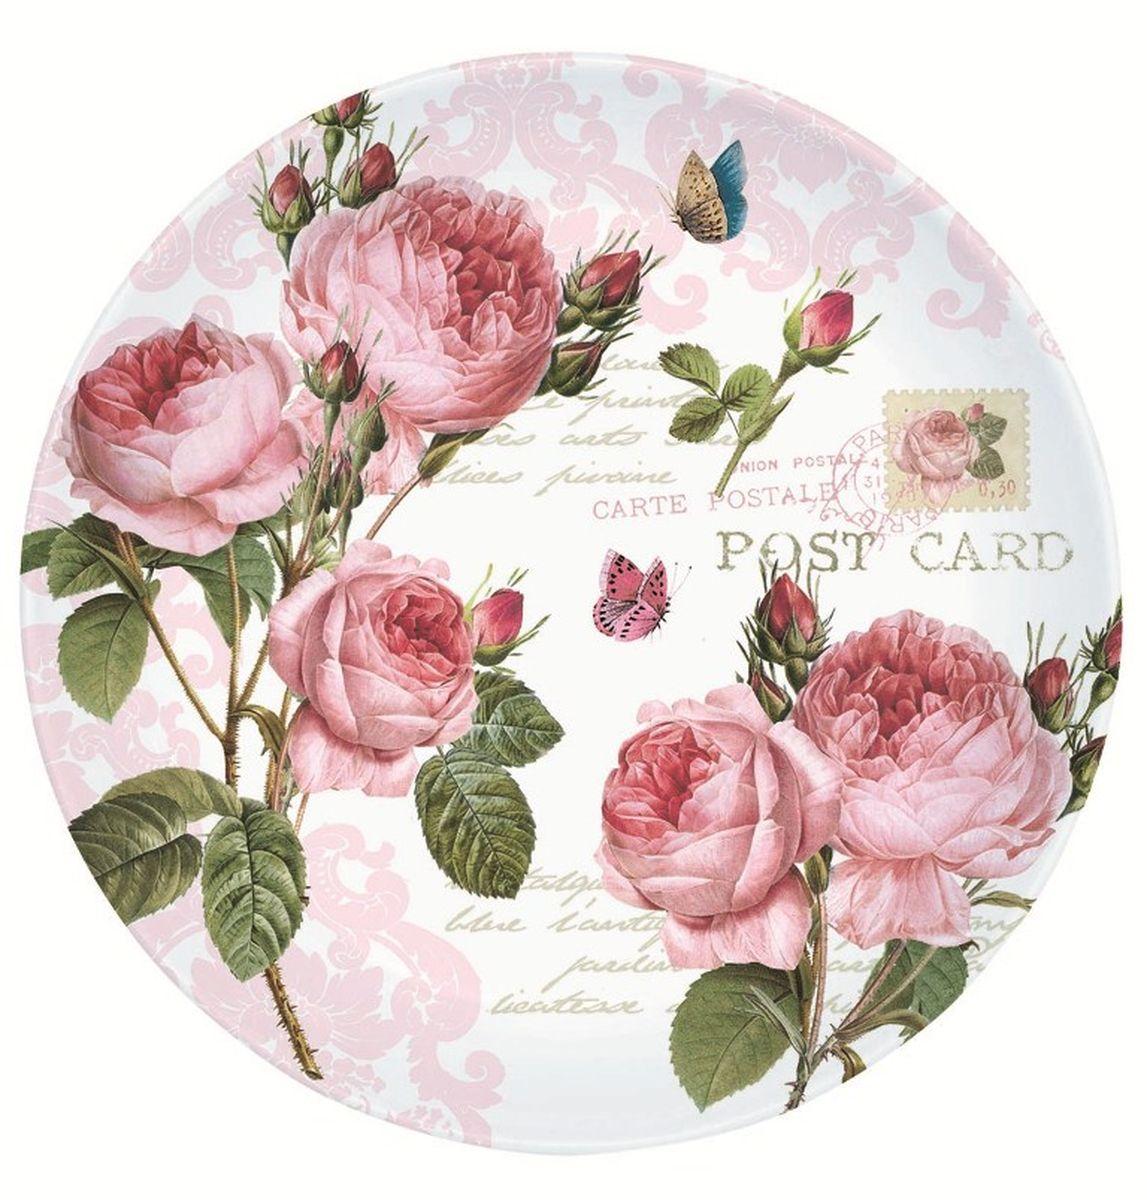 Тарелка десертная Nuova R2S Романтические розы, диаметр 19 см настольная подложка nuova r2s s p a